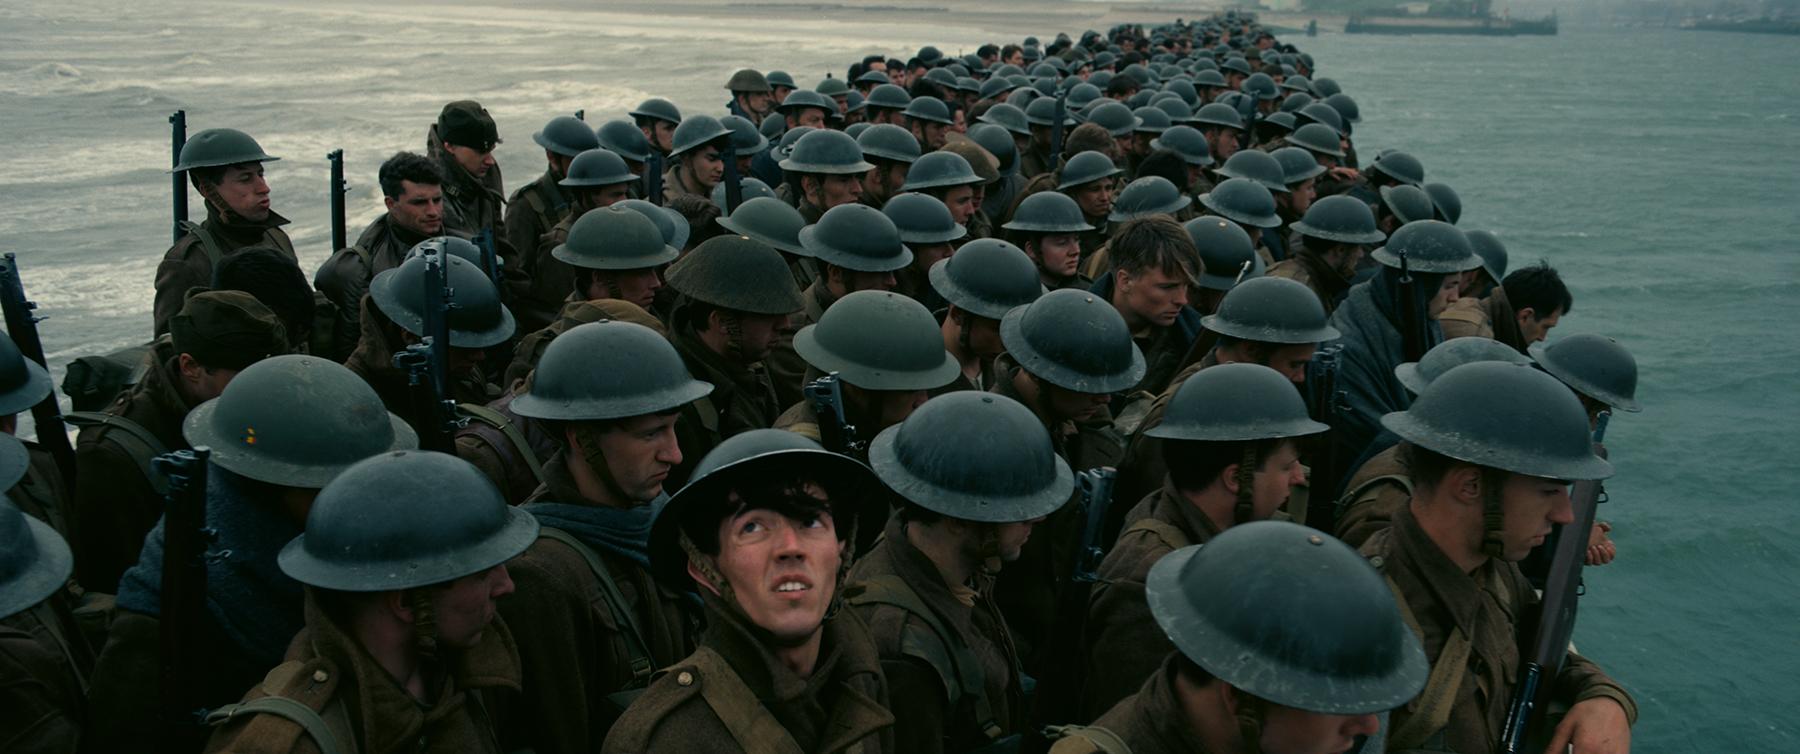 Dunkirk Bb Tt 0006 Featured